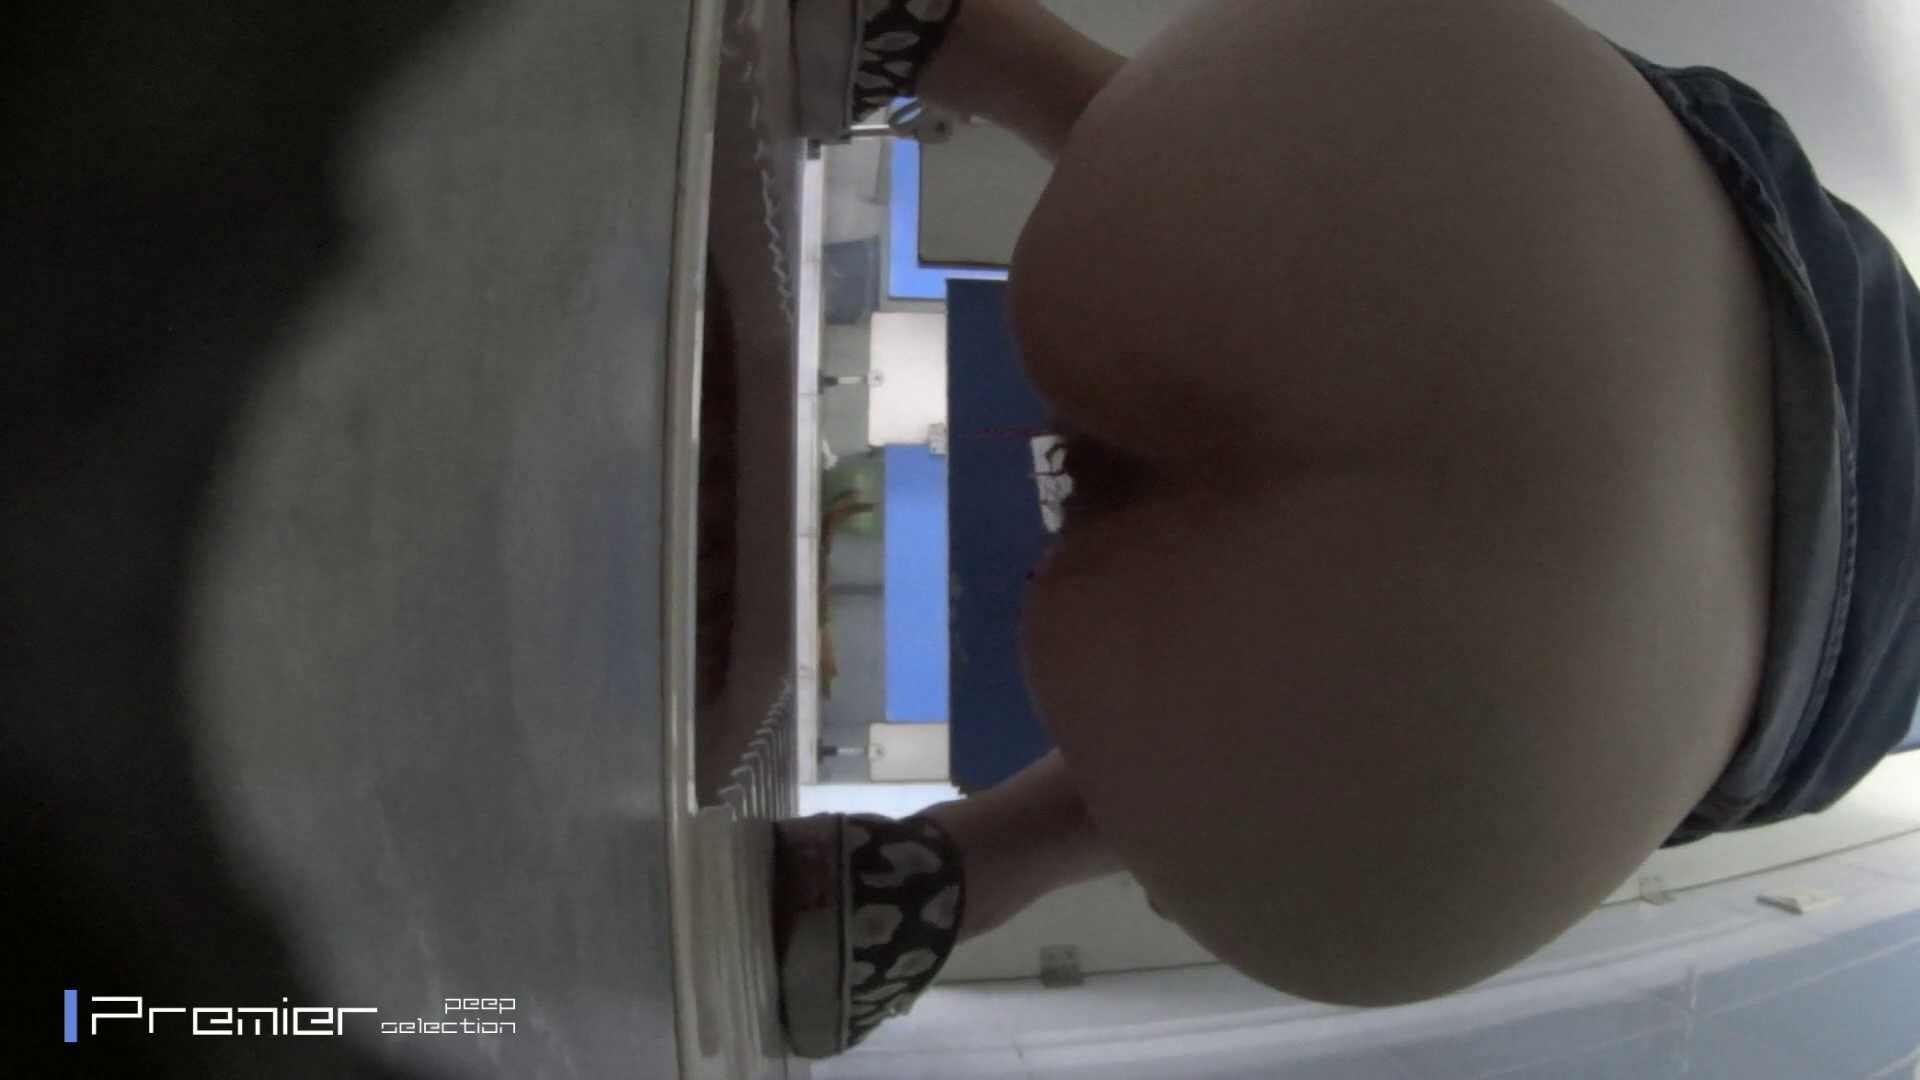 生理用ナプキン交換 大学休憩時間の洗面所事情77 エッチすぎる美女 ワレメ動画紹介 69連発 27